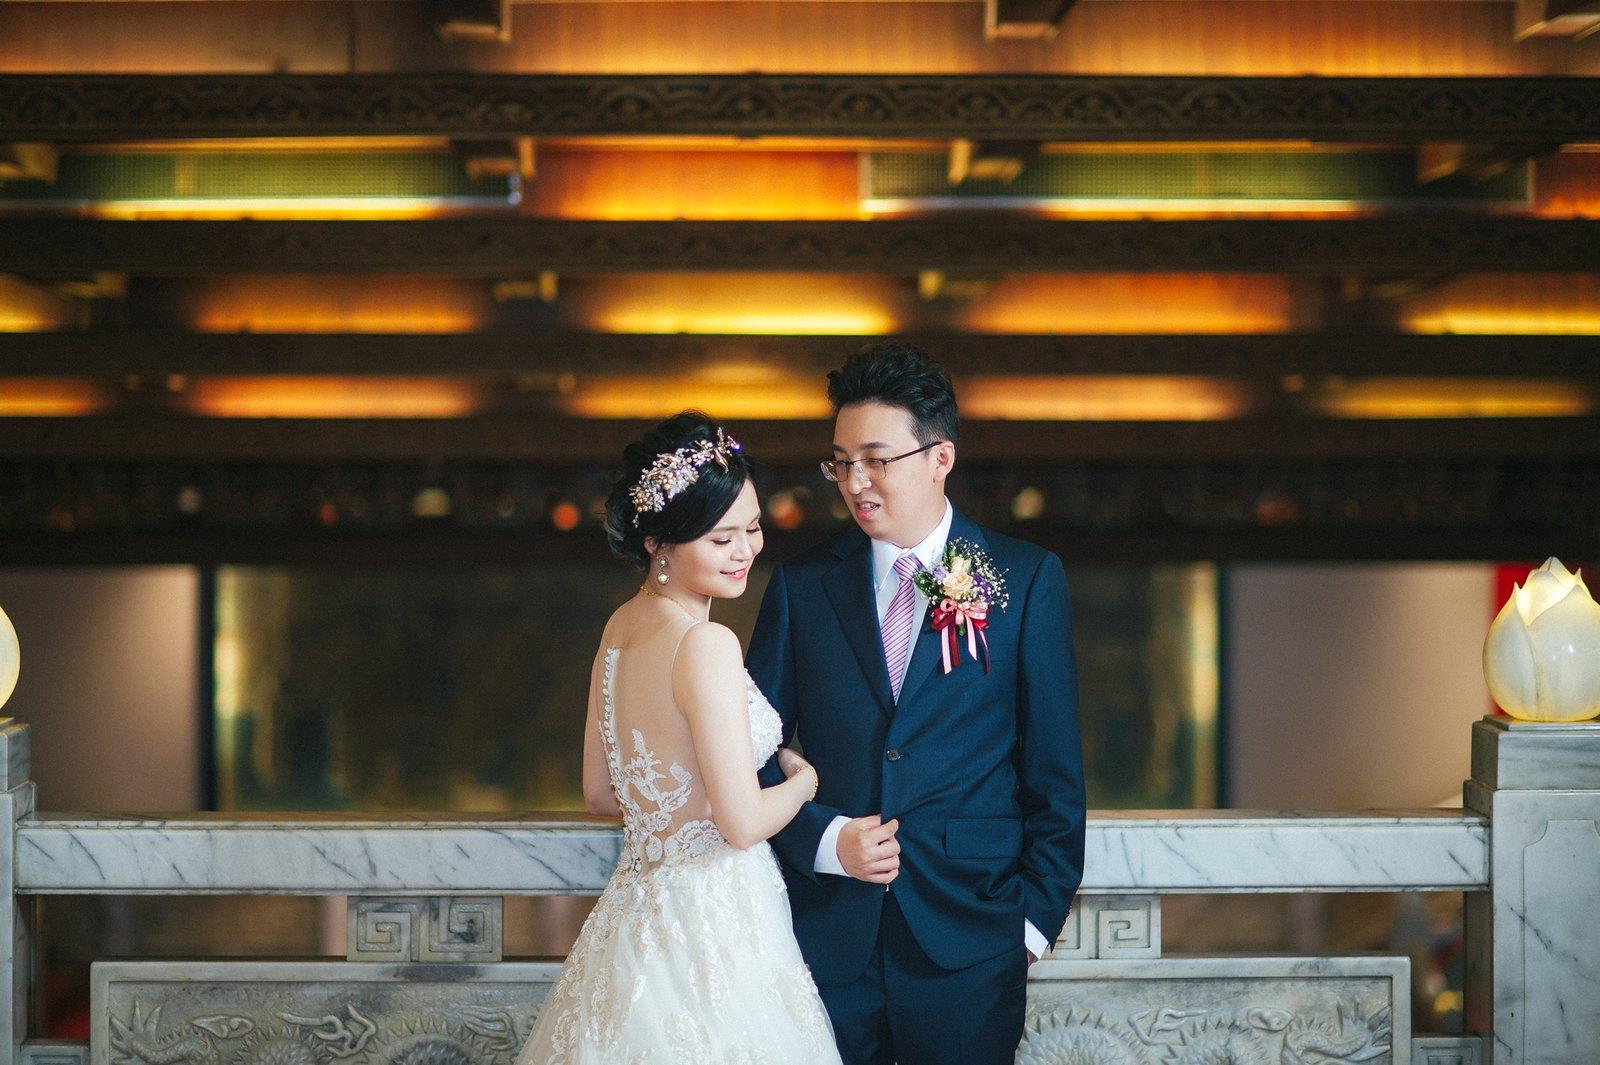 【婚攝】Ivan & Mandy / 台北圓山大飯店